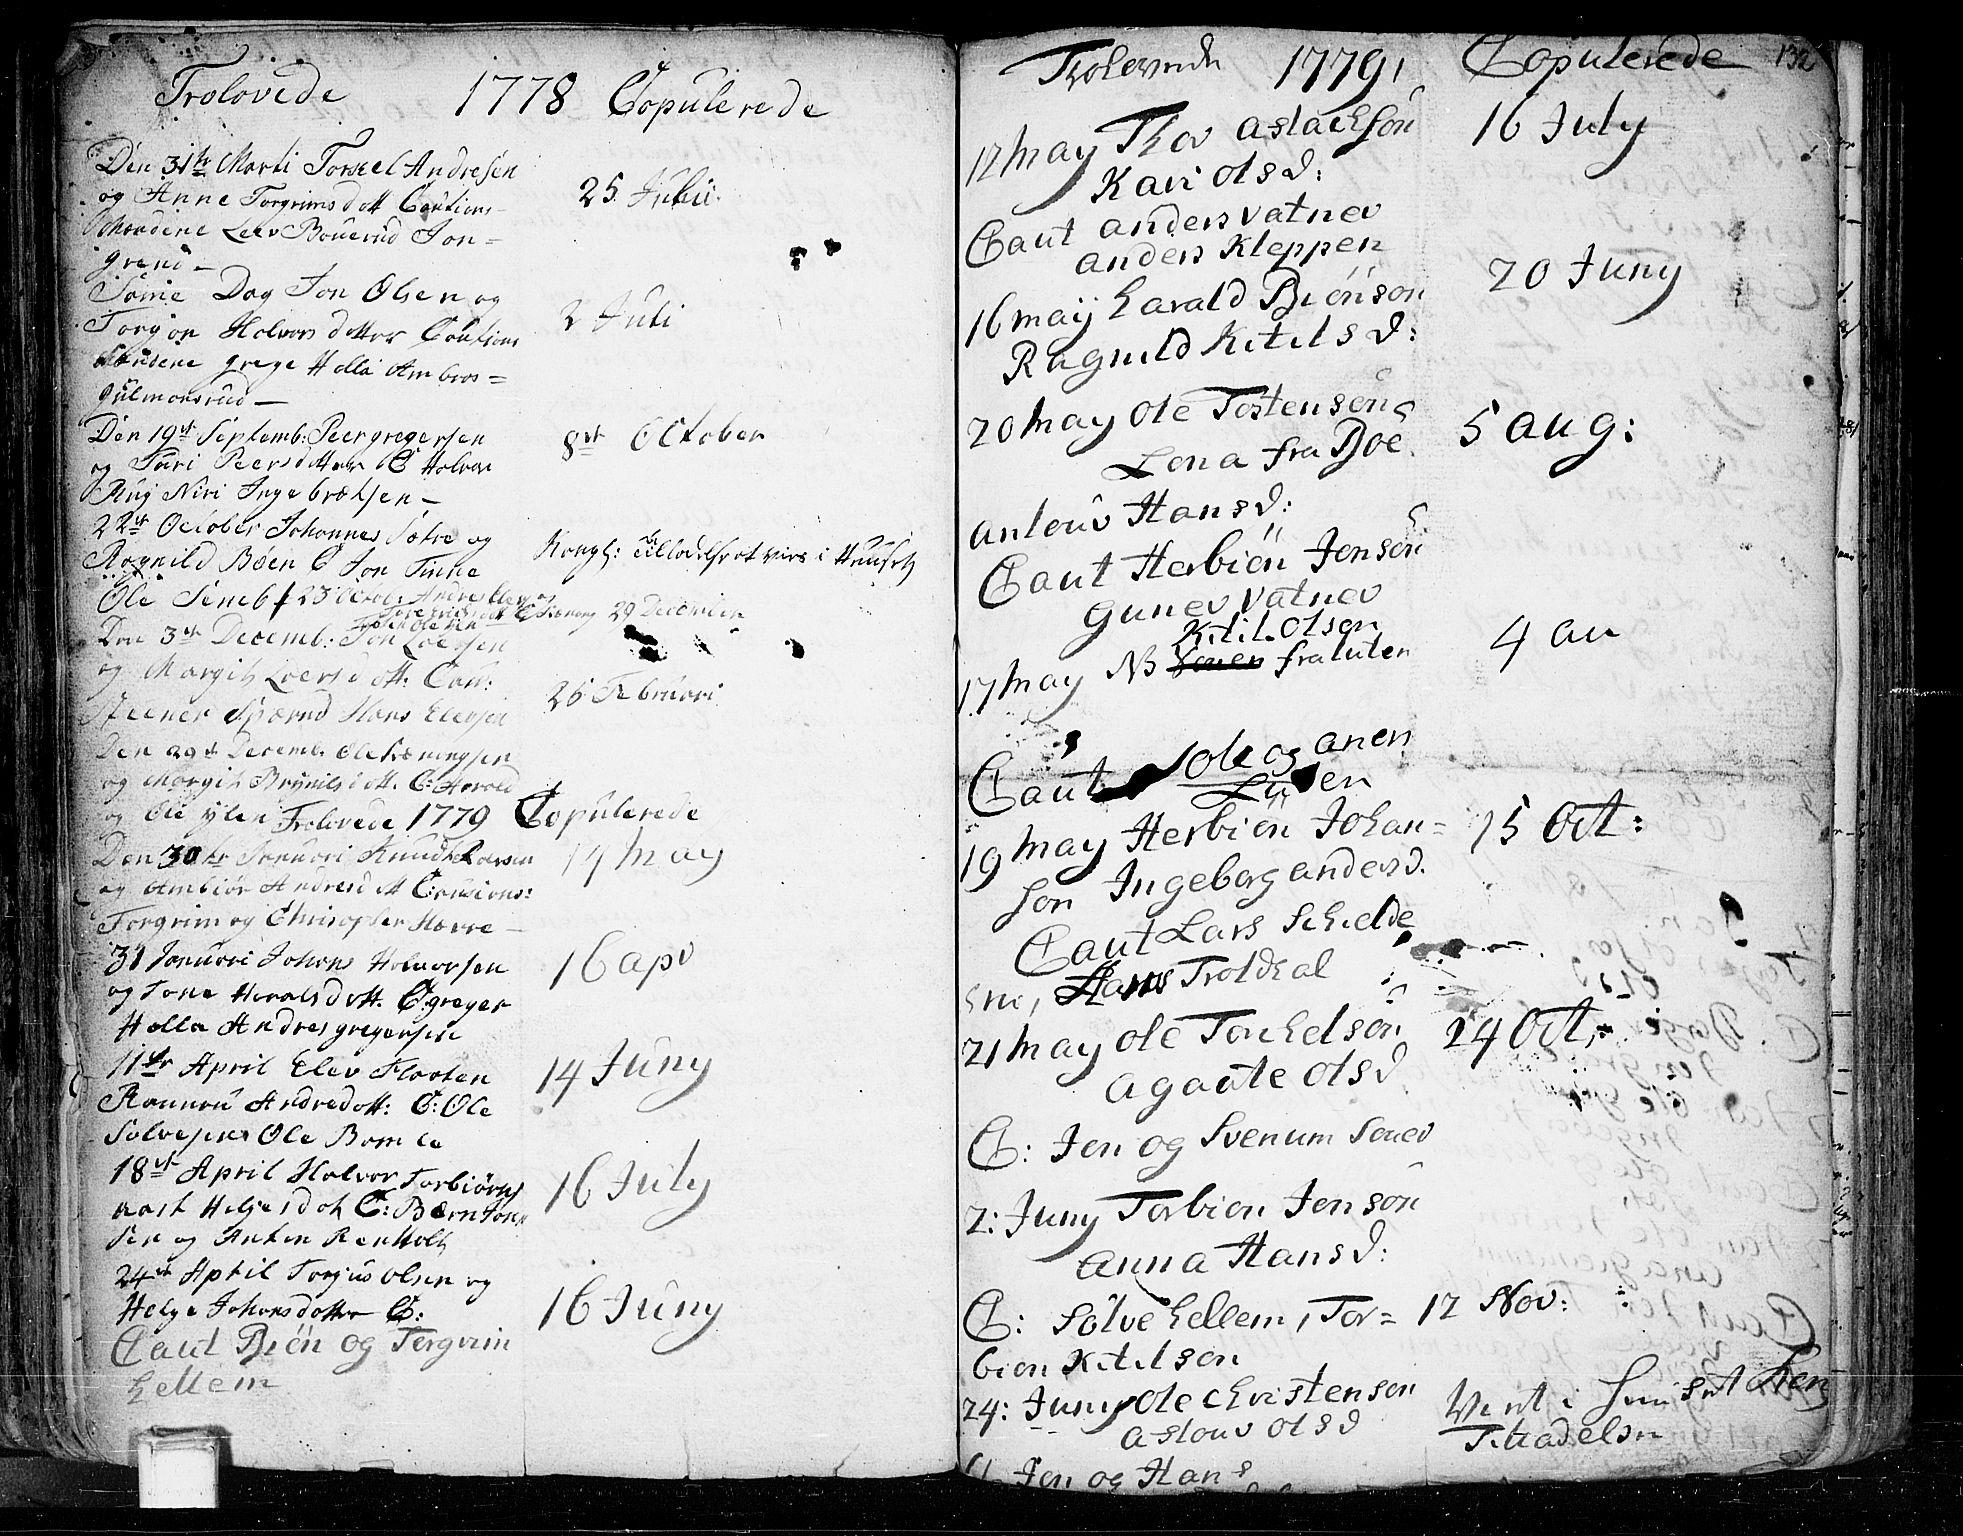 SAKO, Heddal kirkebøker, F/Fa/L0003: Ministerialbok nr. I 3, 1723-1783, s. 132